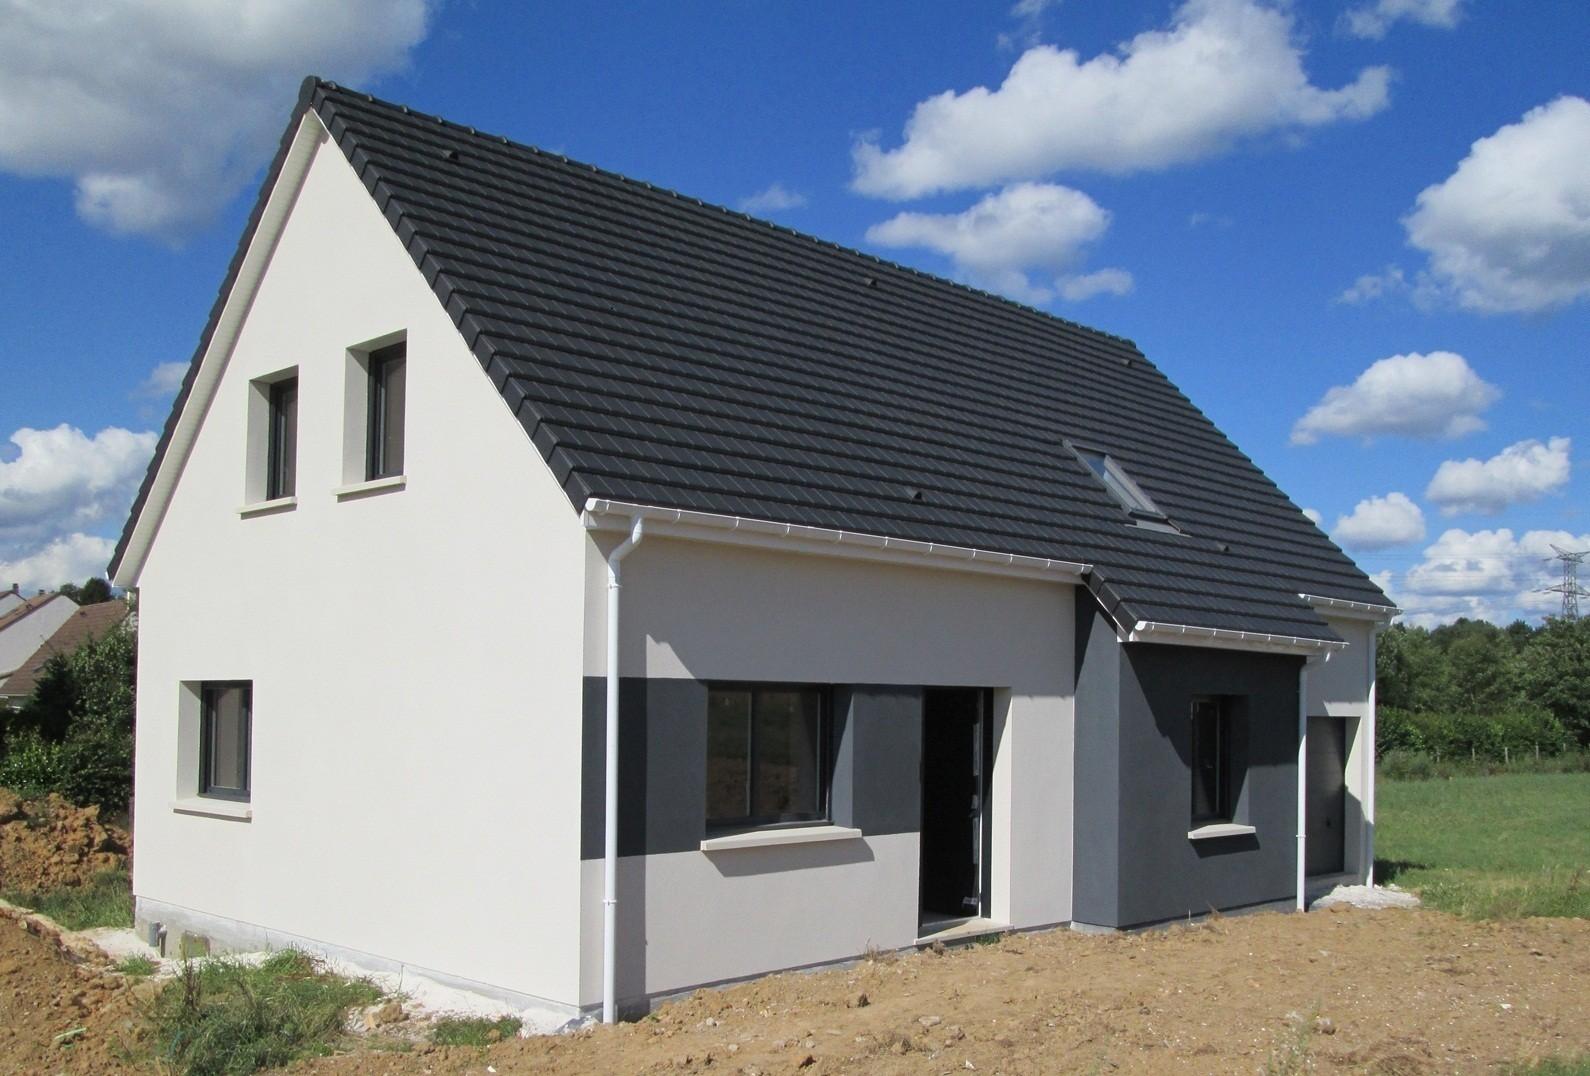 Maisons + Terrains du constructeur MAISON FAMILIALE HERBLAY • 110 m² • VILLIERS ADAM